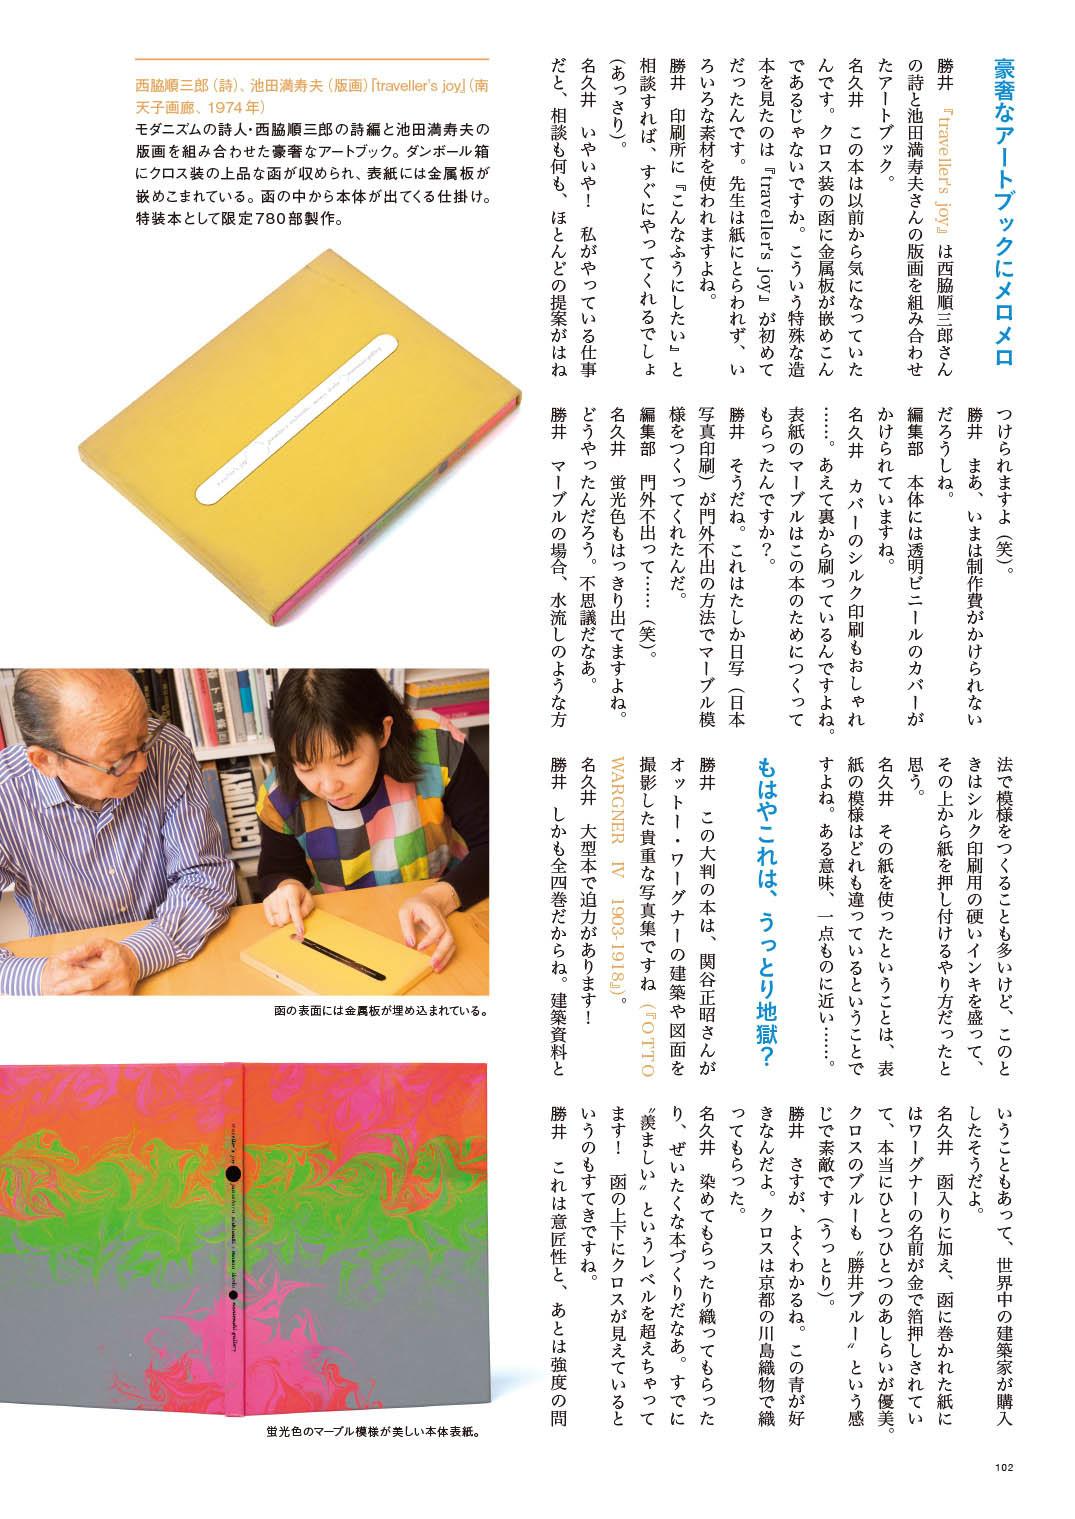 勝井三雄先生の記事を掲載いたします。_c0207090_13300278.jpg